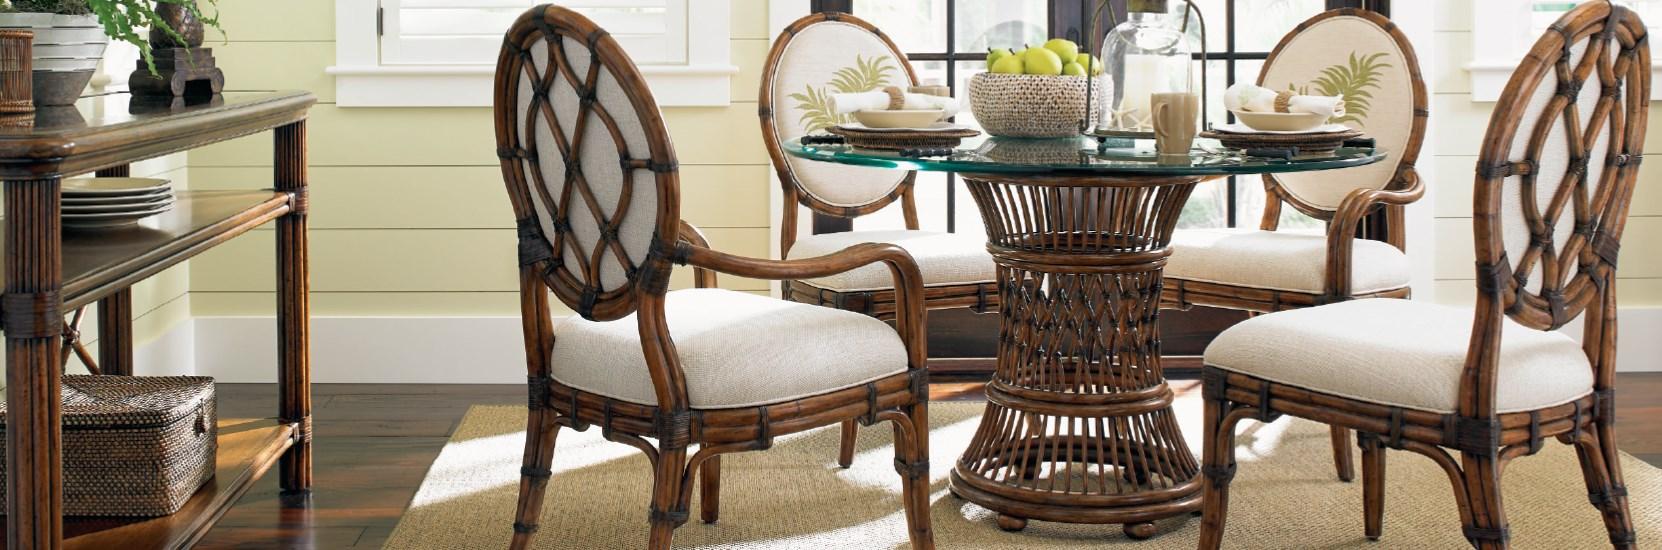 Florida's Premier Dining Room Furniture Store   Baer's Furniture ...